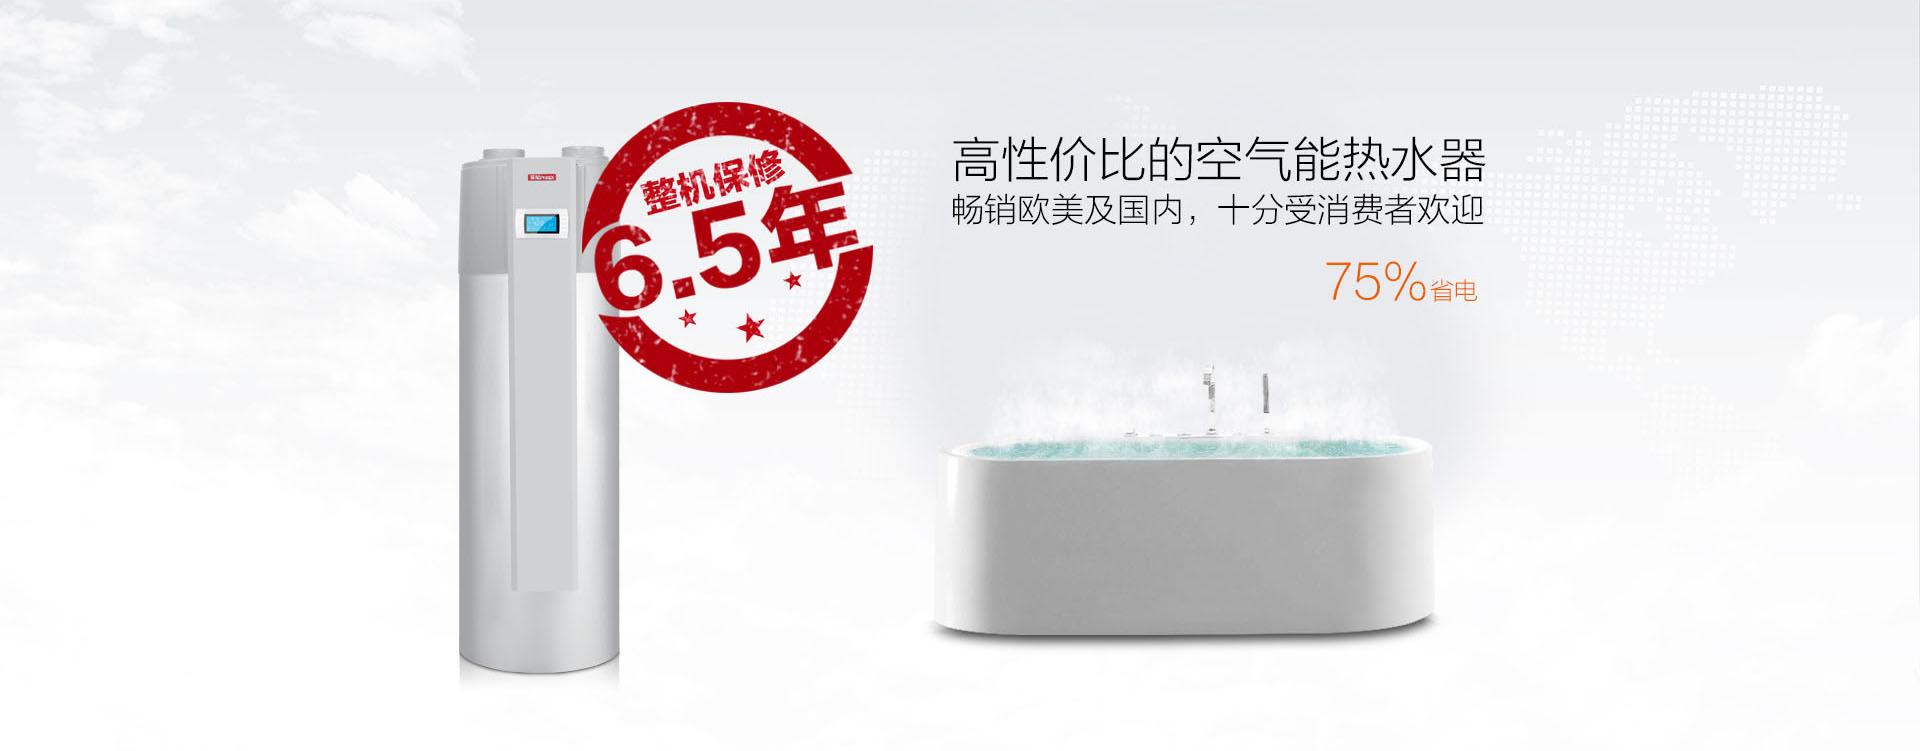 怎么买质量硬的空气能热水器呢 |石家庄空气能热水器